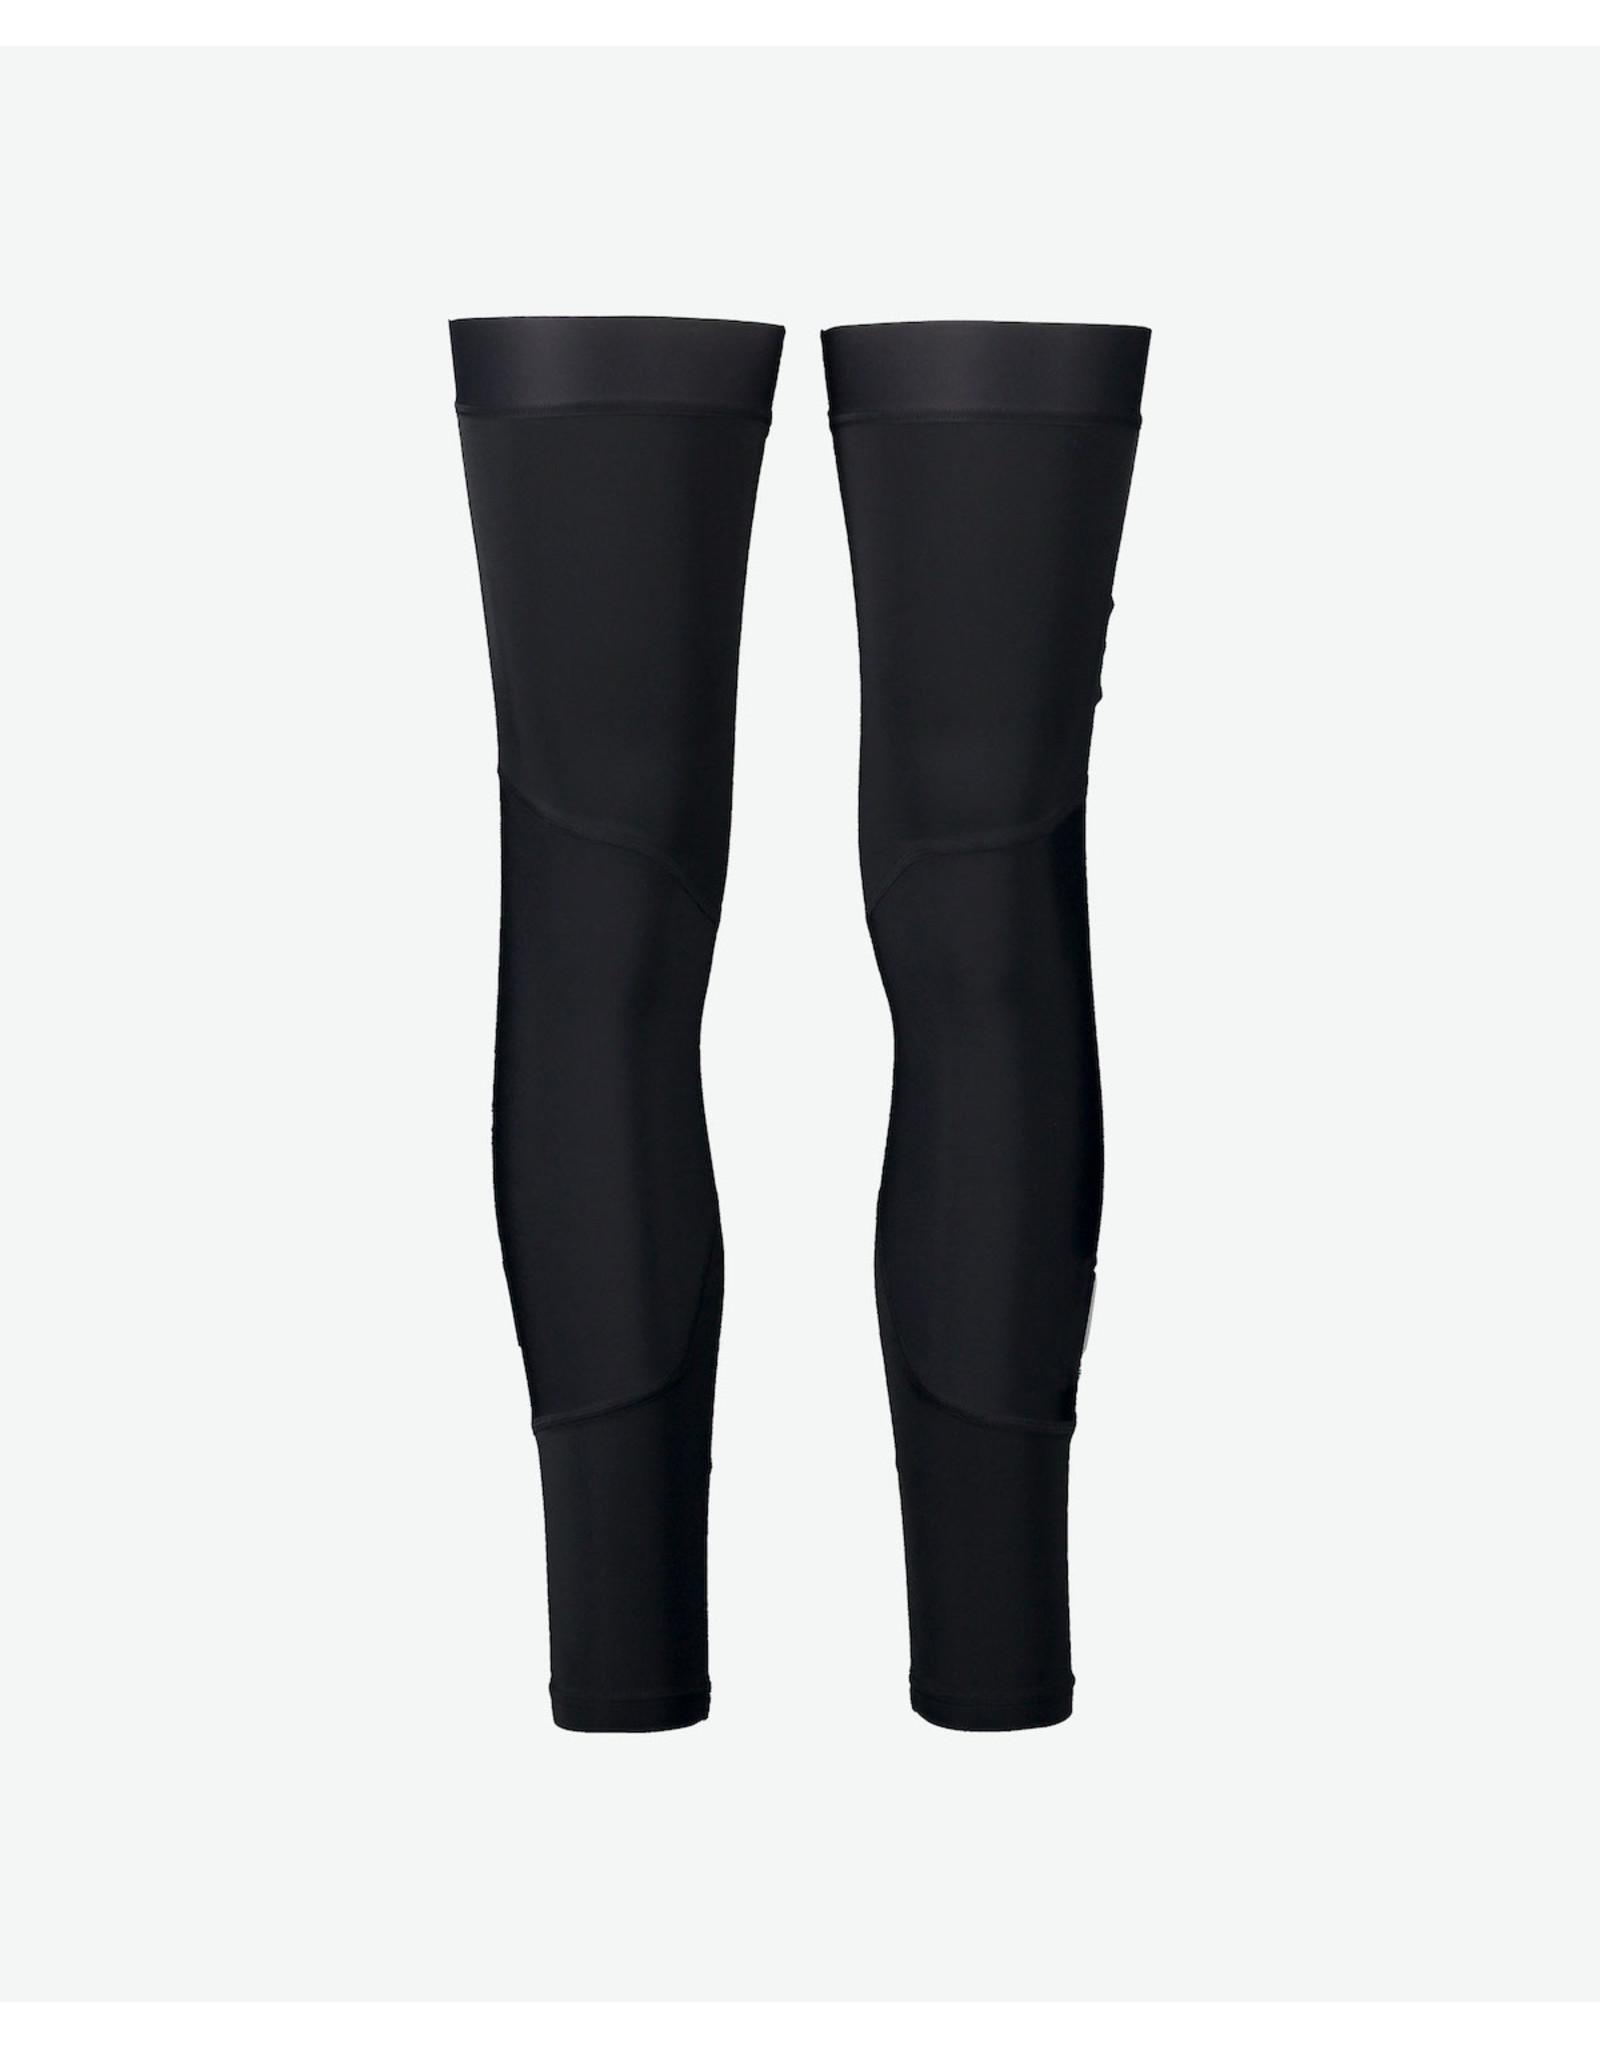 POC POC Thermal Legs